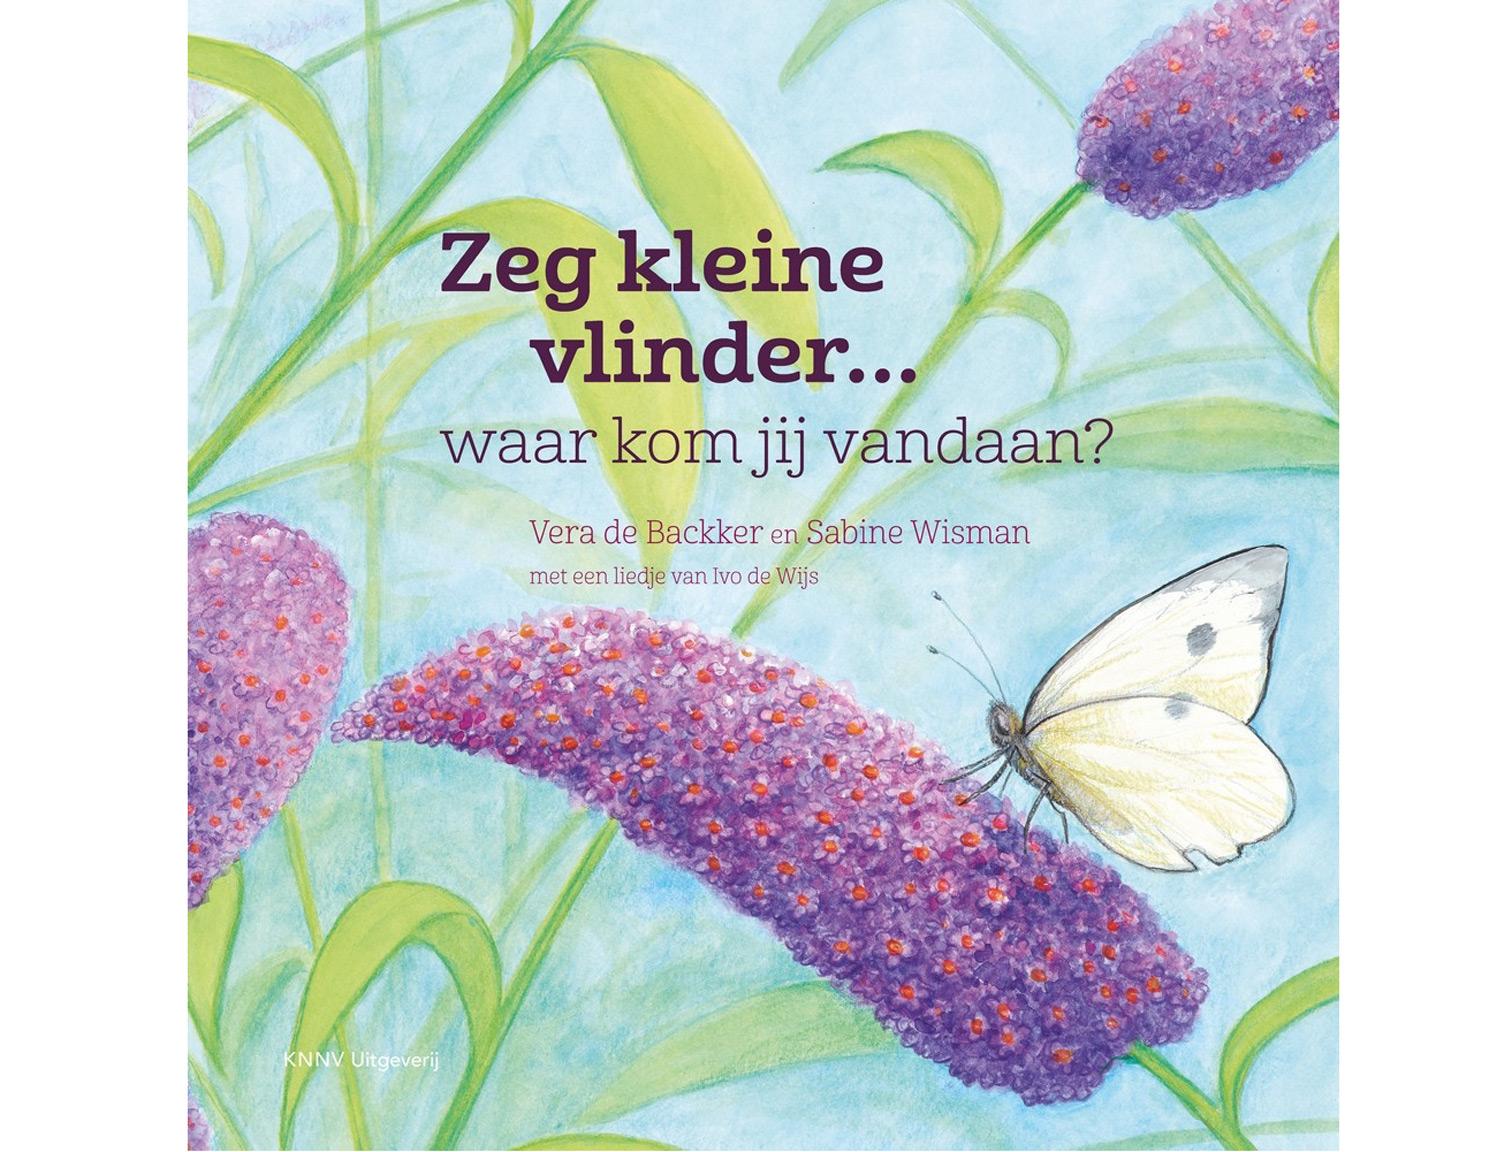 Zeg_kleine_vlinder